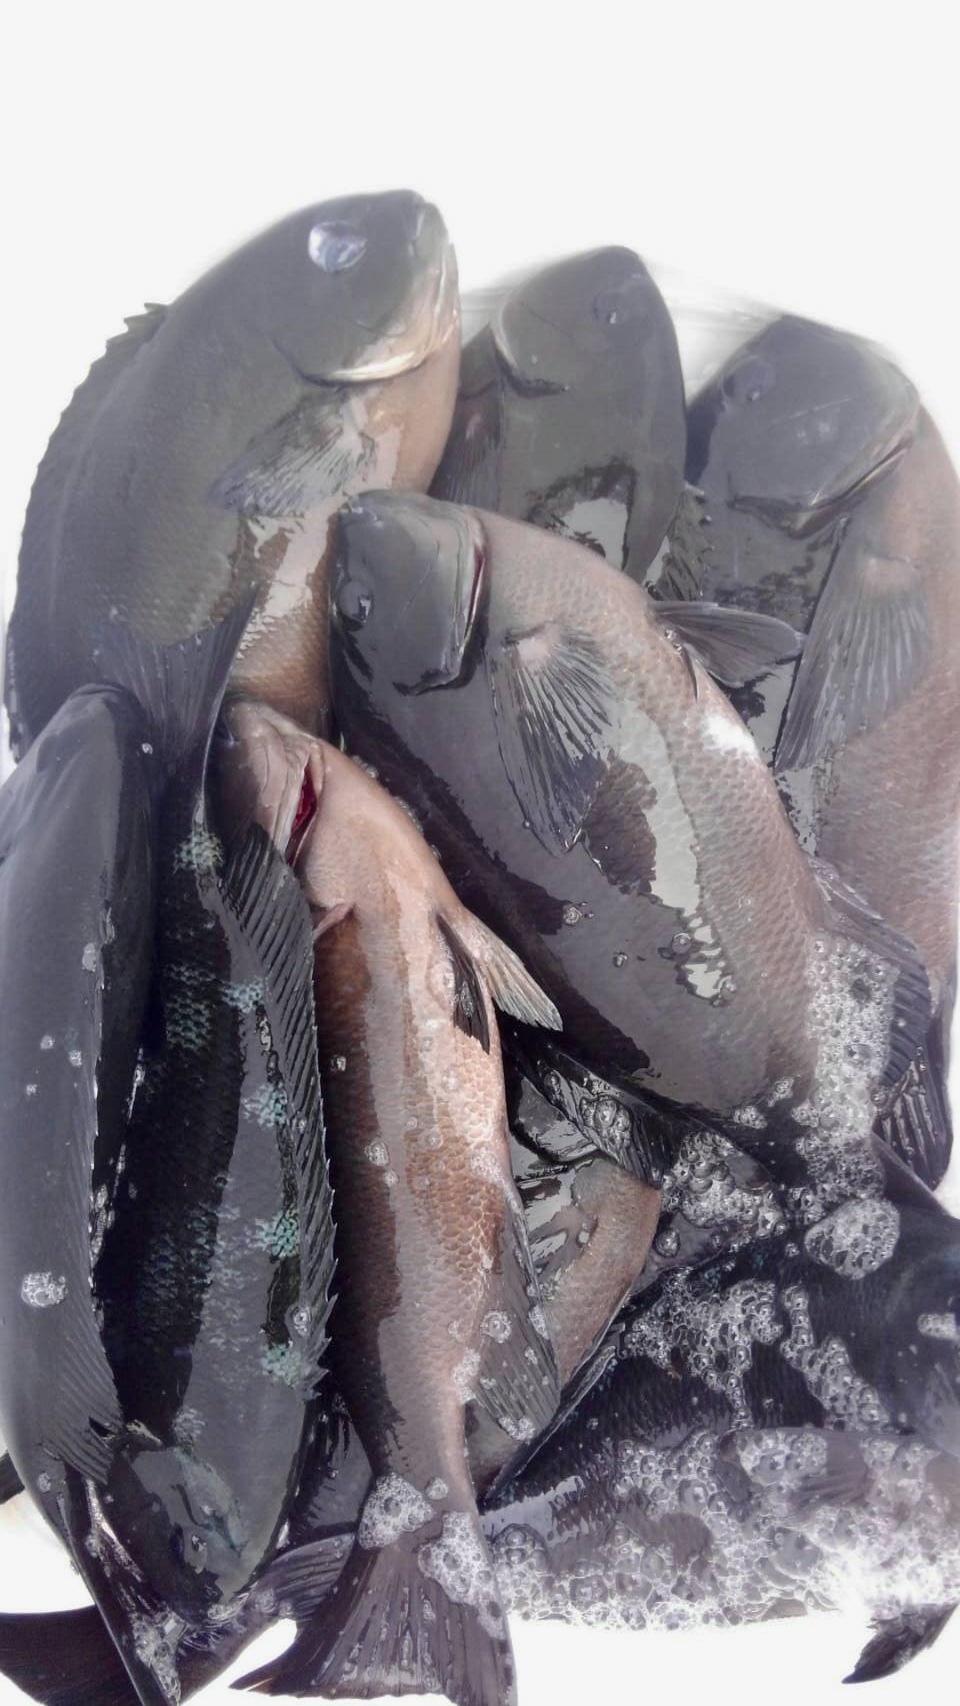 2月2日エボシ、水島二番でBIG尾長Σ(゚д゚lll)_d0114397_05455079.jpeg